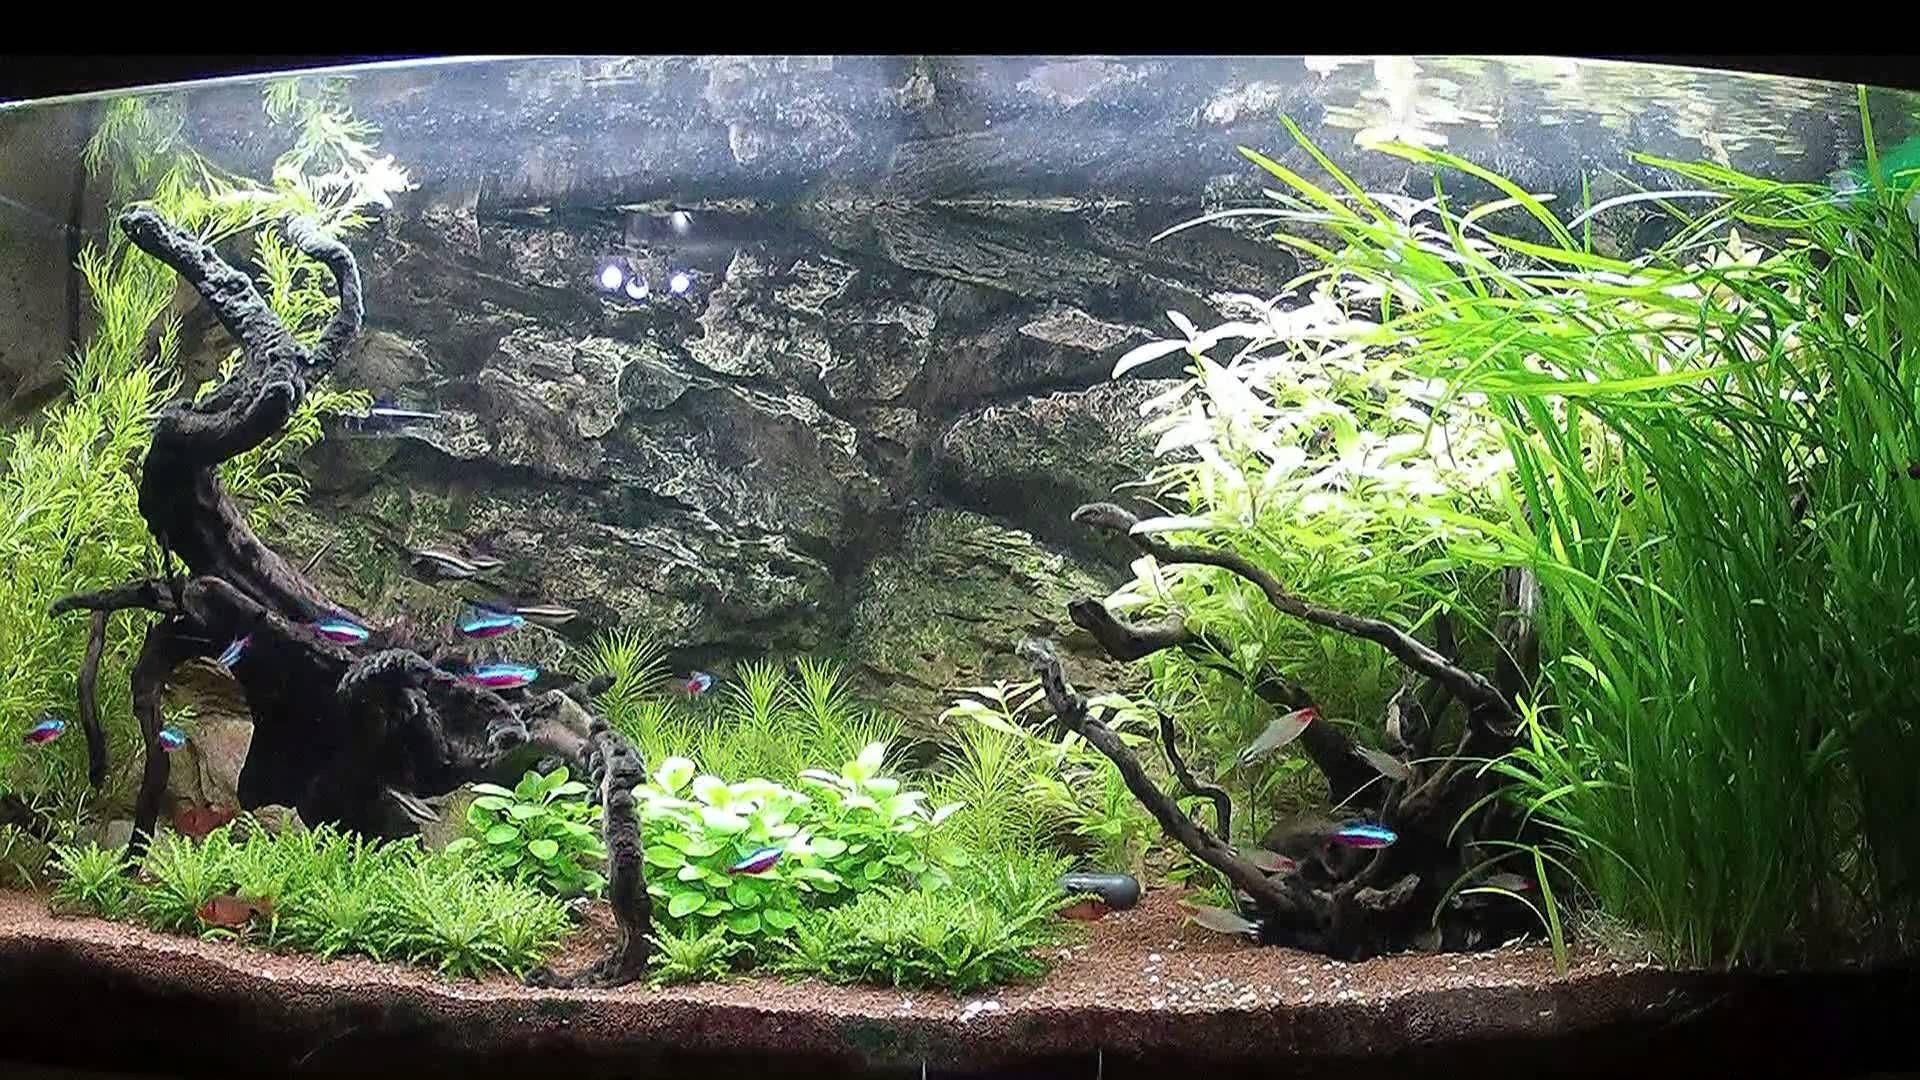 6edc732a7559ea8655f5a37da03ea0f6 Frais De Aquarium Amazonien Concept